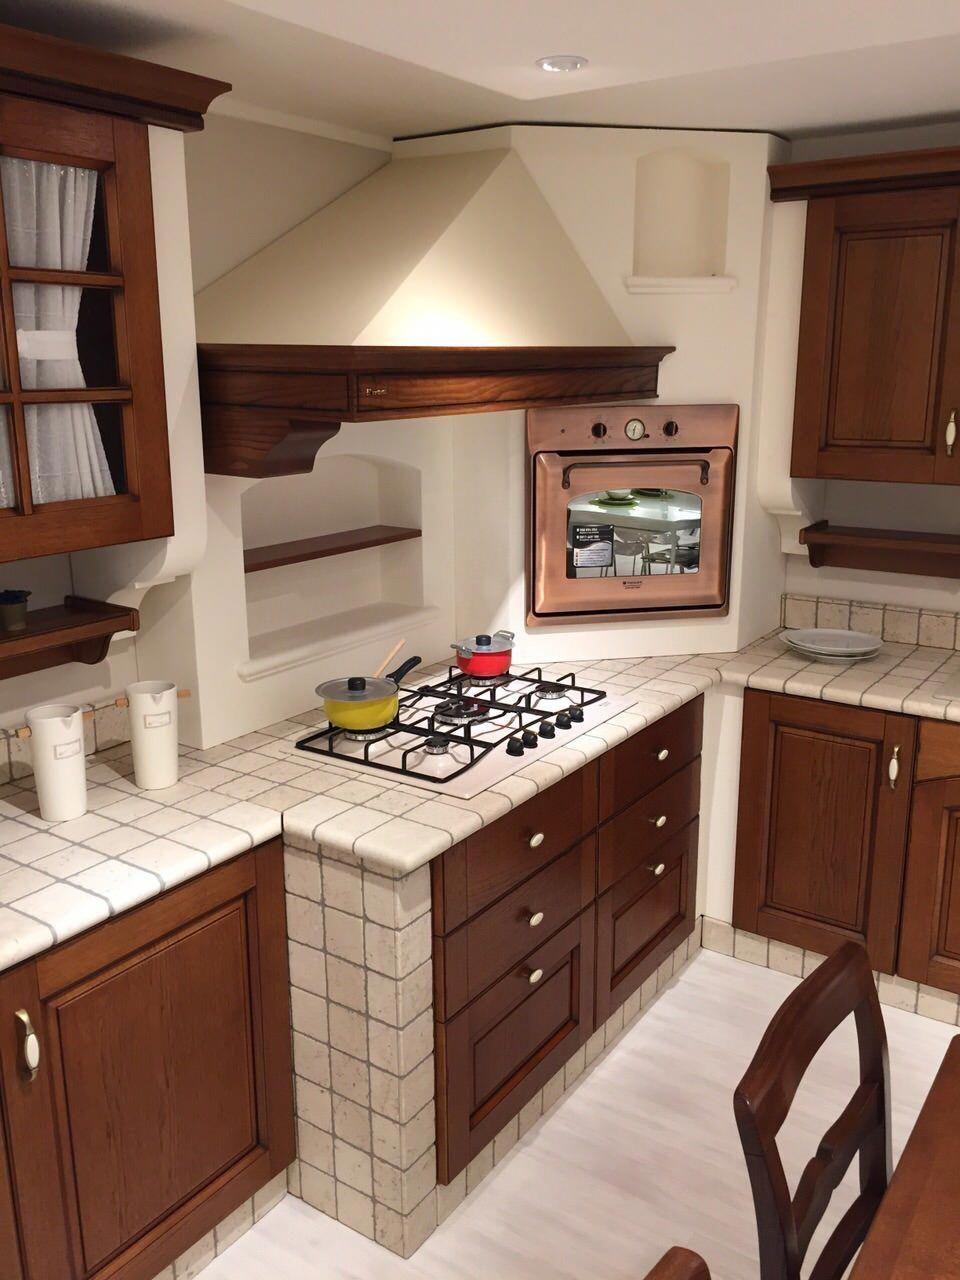 OFFERTA IRRIPETIBILE !! Cucina in muratura completa di ...